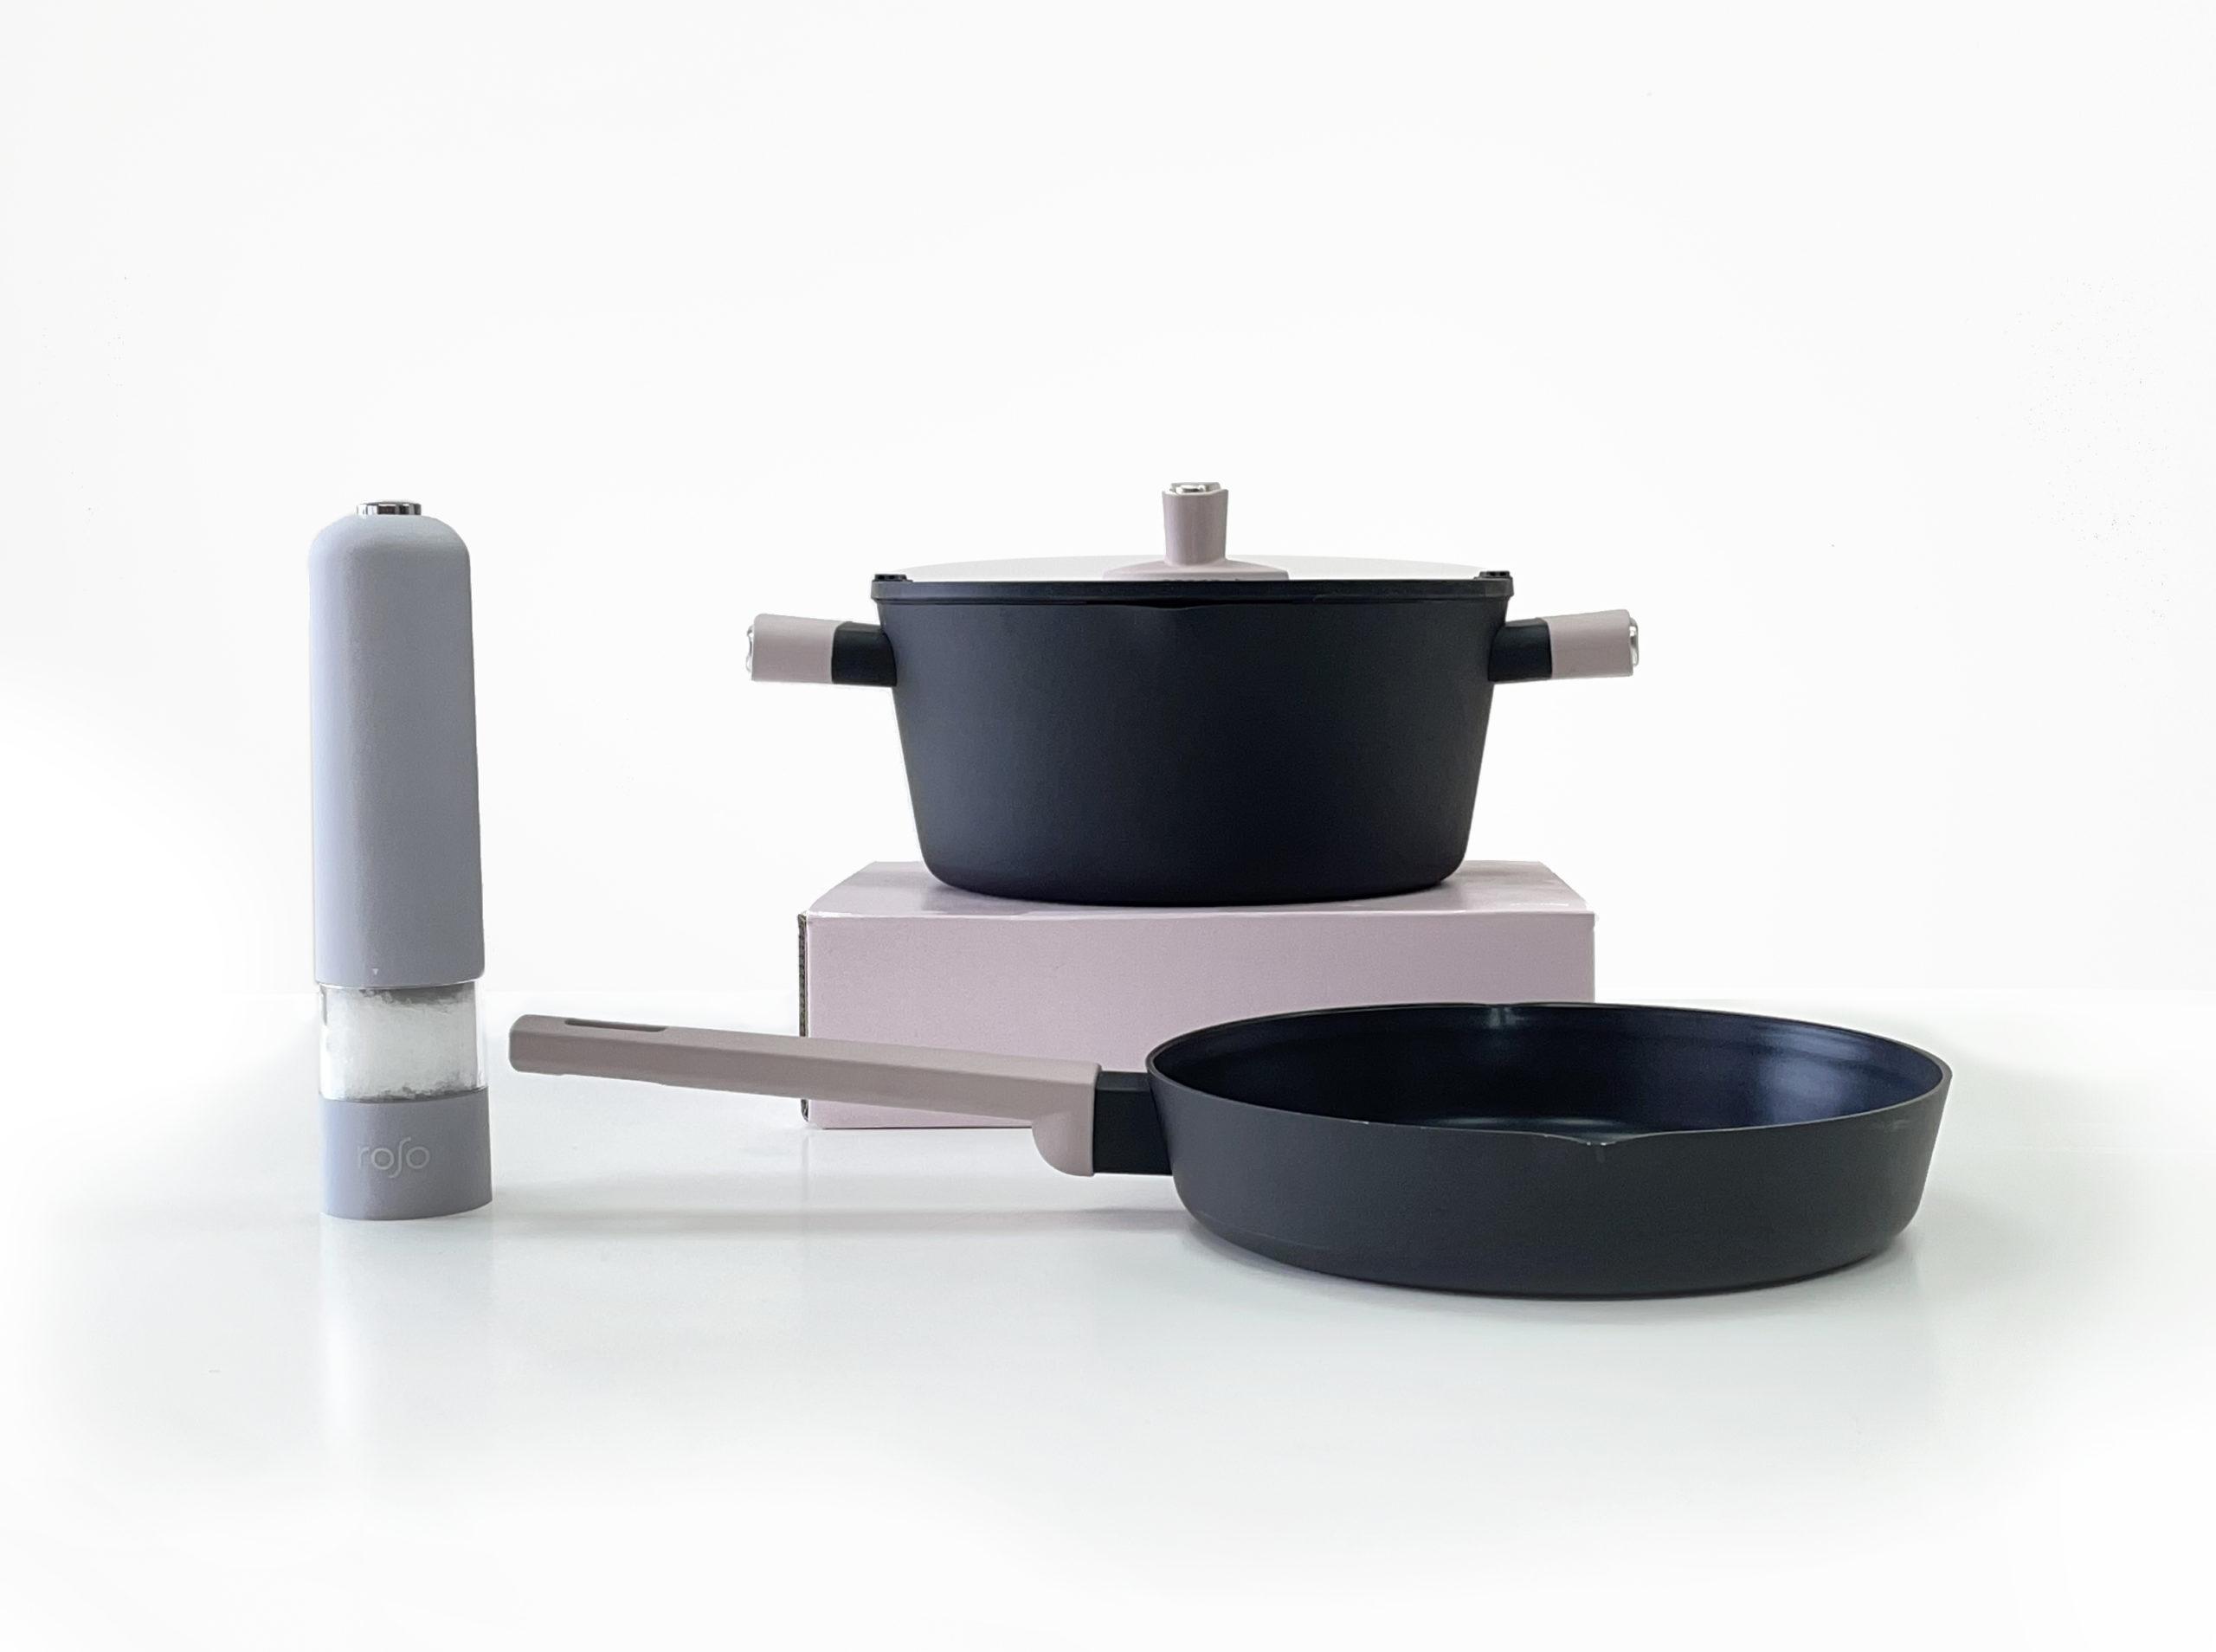 סט 3 כלים הכולל סיר מחבת ומטחנה Mood Collection Beige